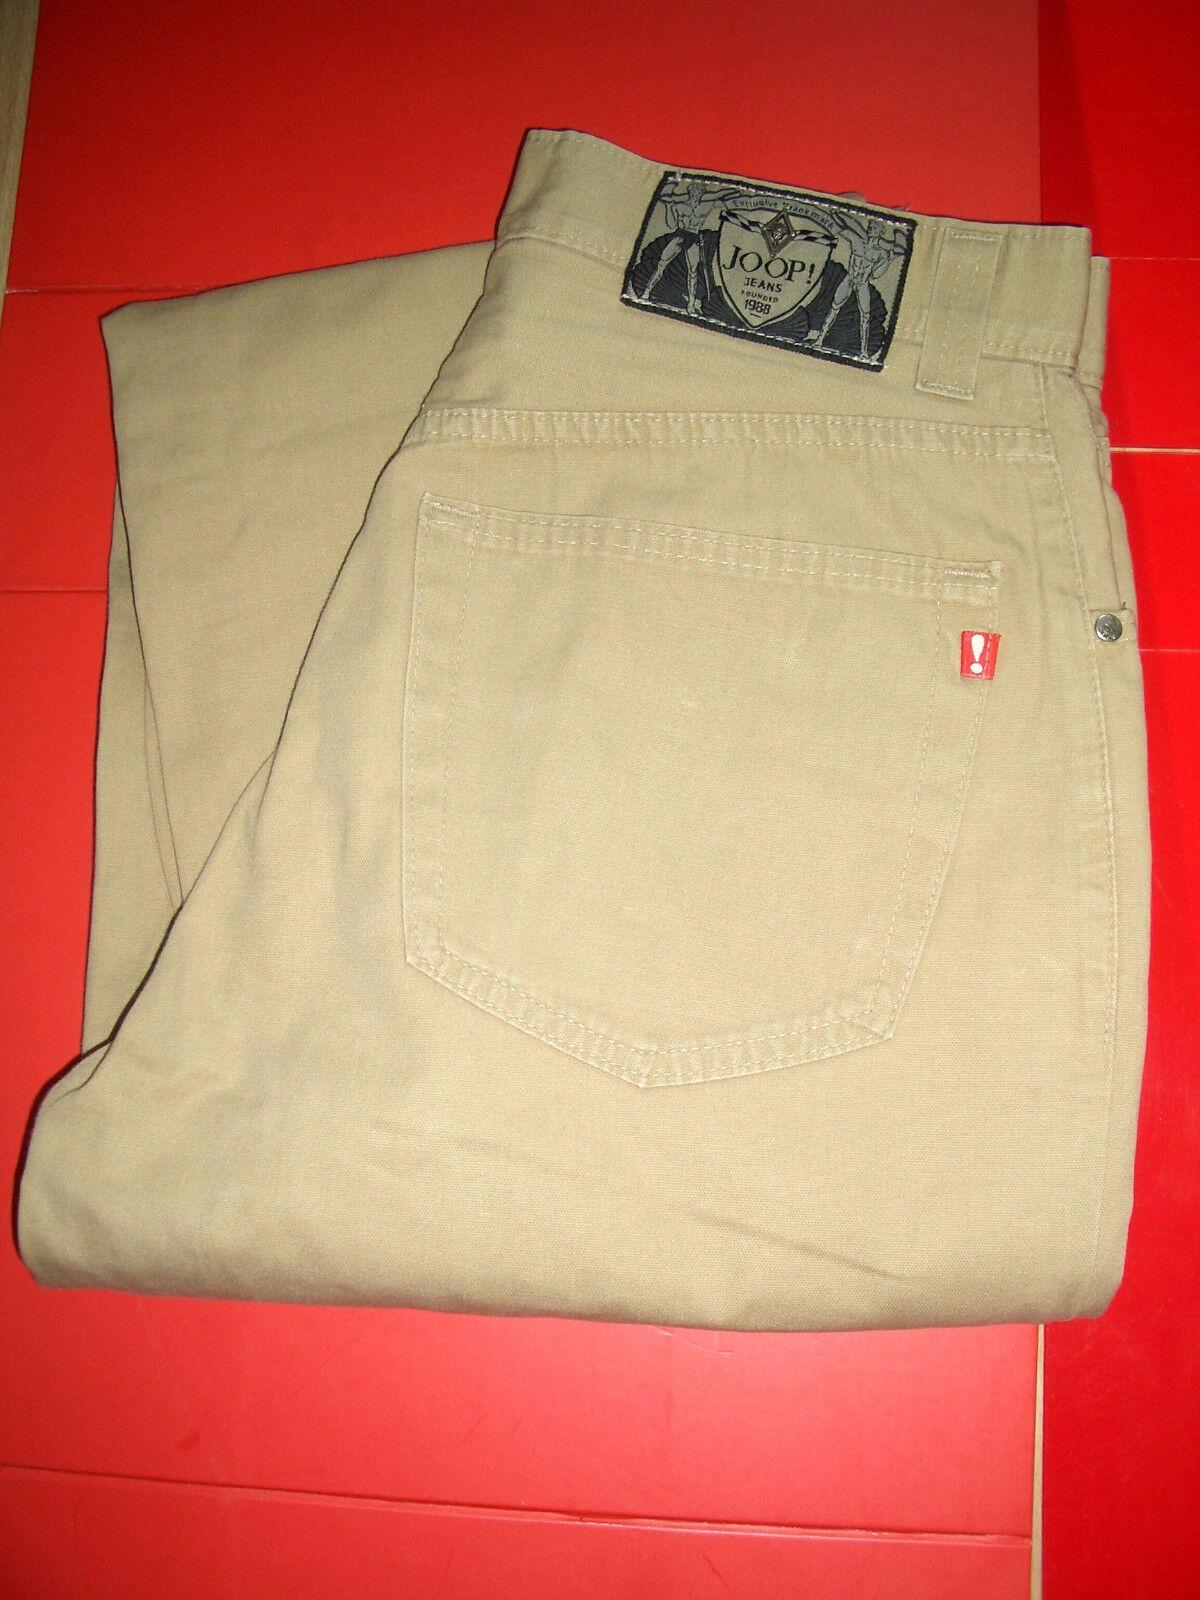 Dünne Joop Jeans Hose breit geschnitten D D D 98 US 33   35 fbd7ec